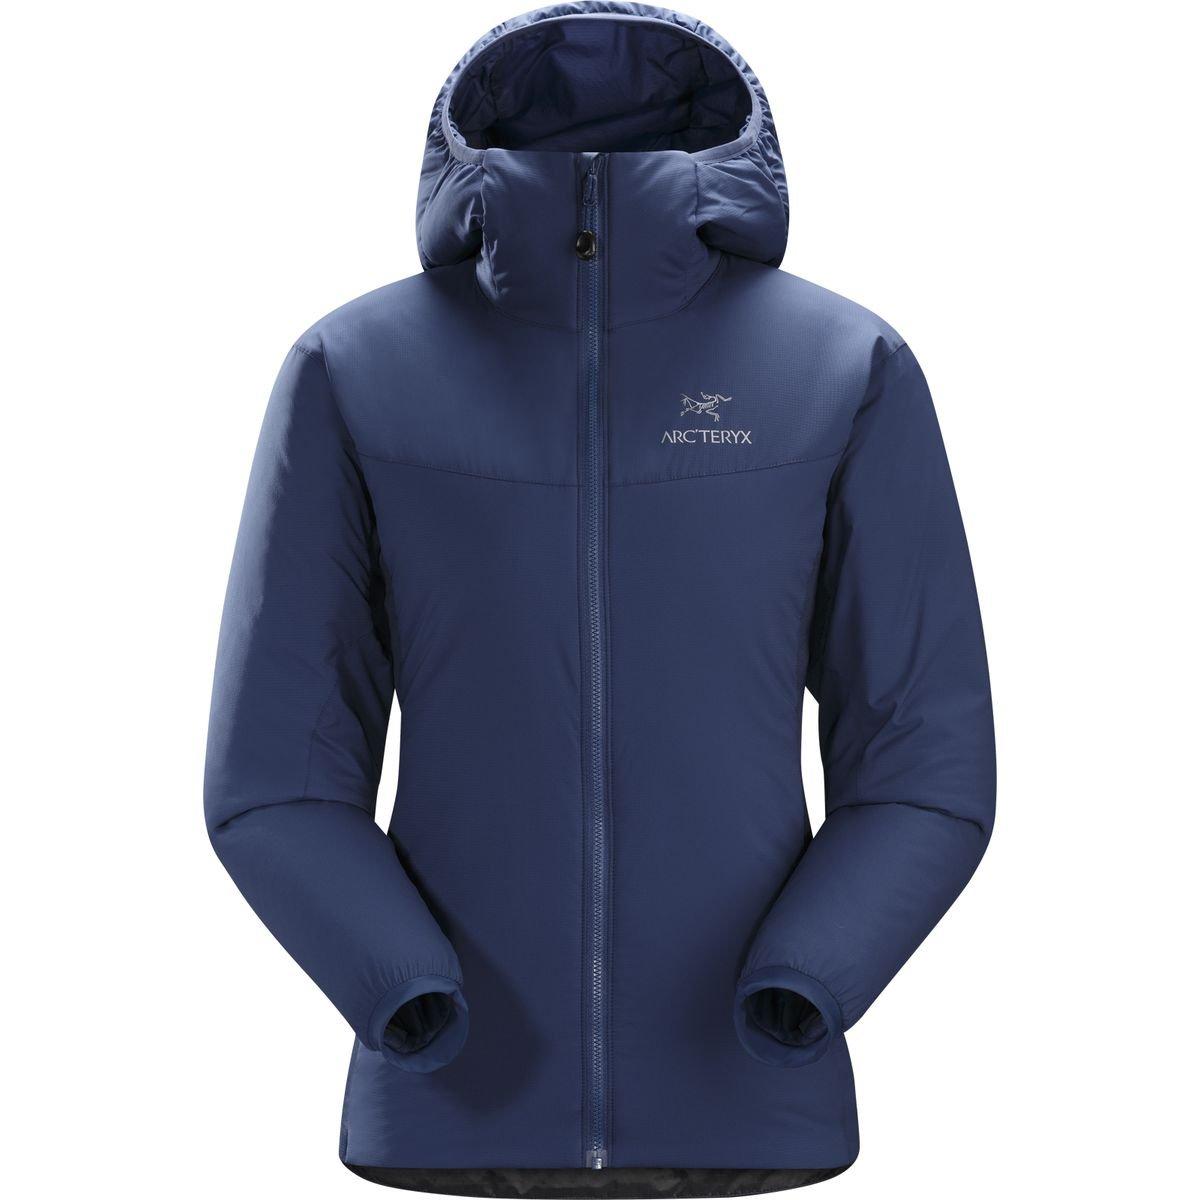 (アークテリクス) Arc'teryx Atom LT Hooded Insulated Jacket - Women'sメンズ バックパック リュック Mystic [並行輸入品] XL  B077MYW57C